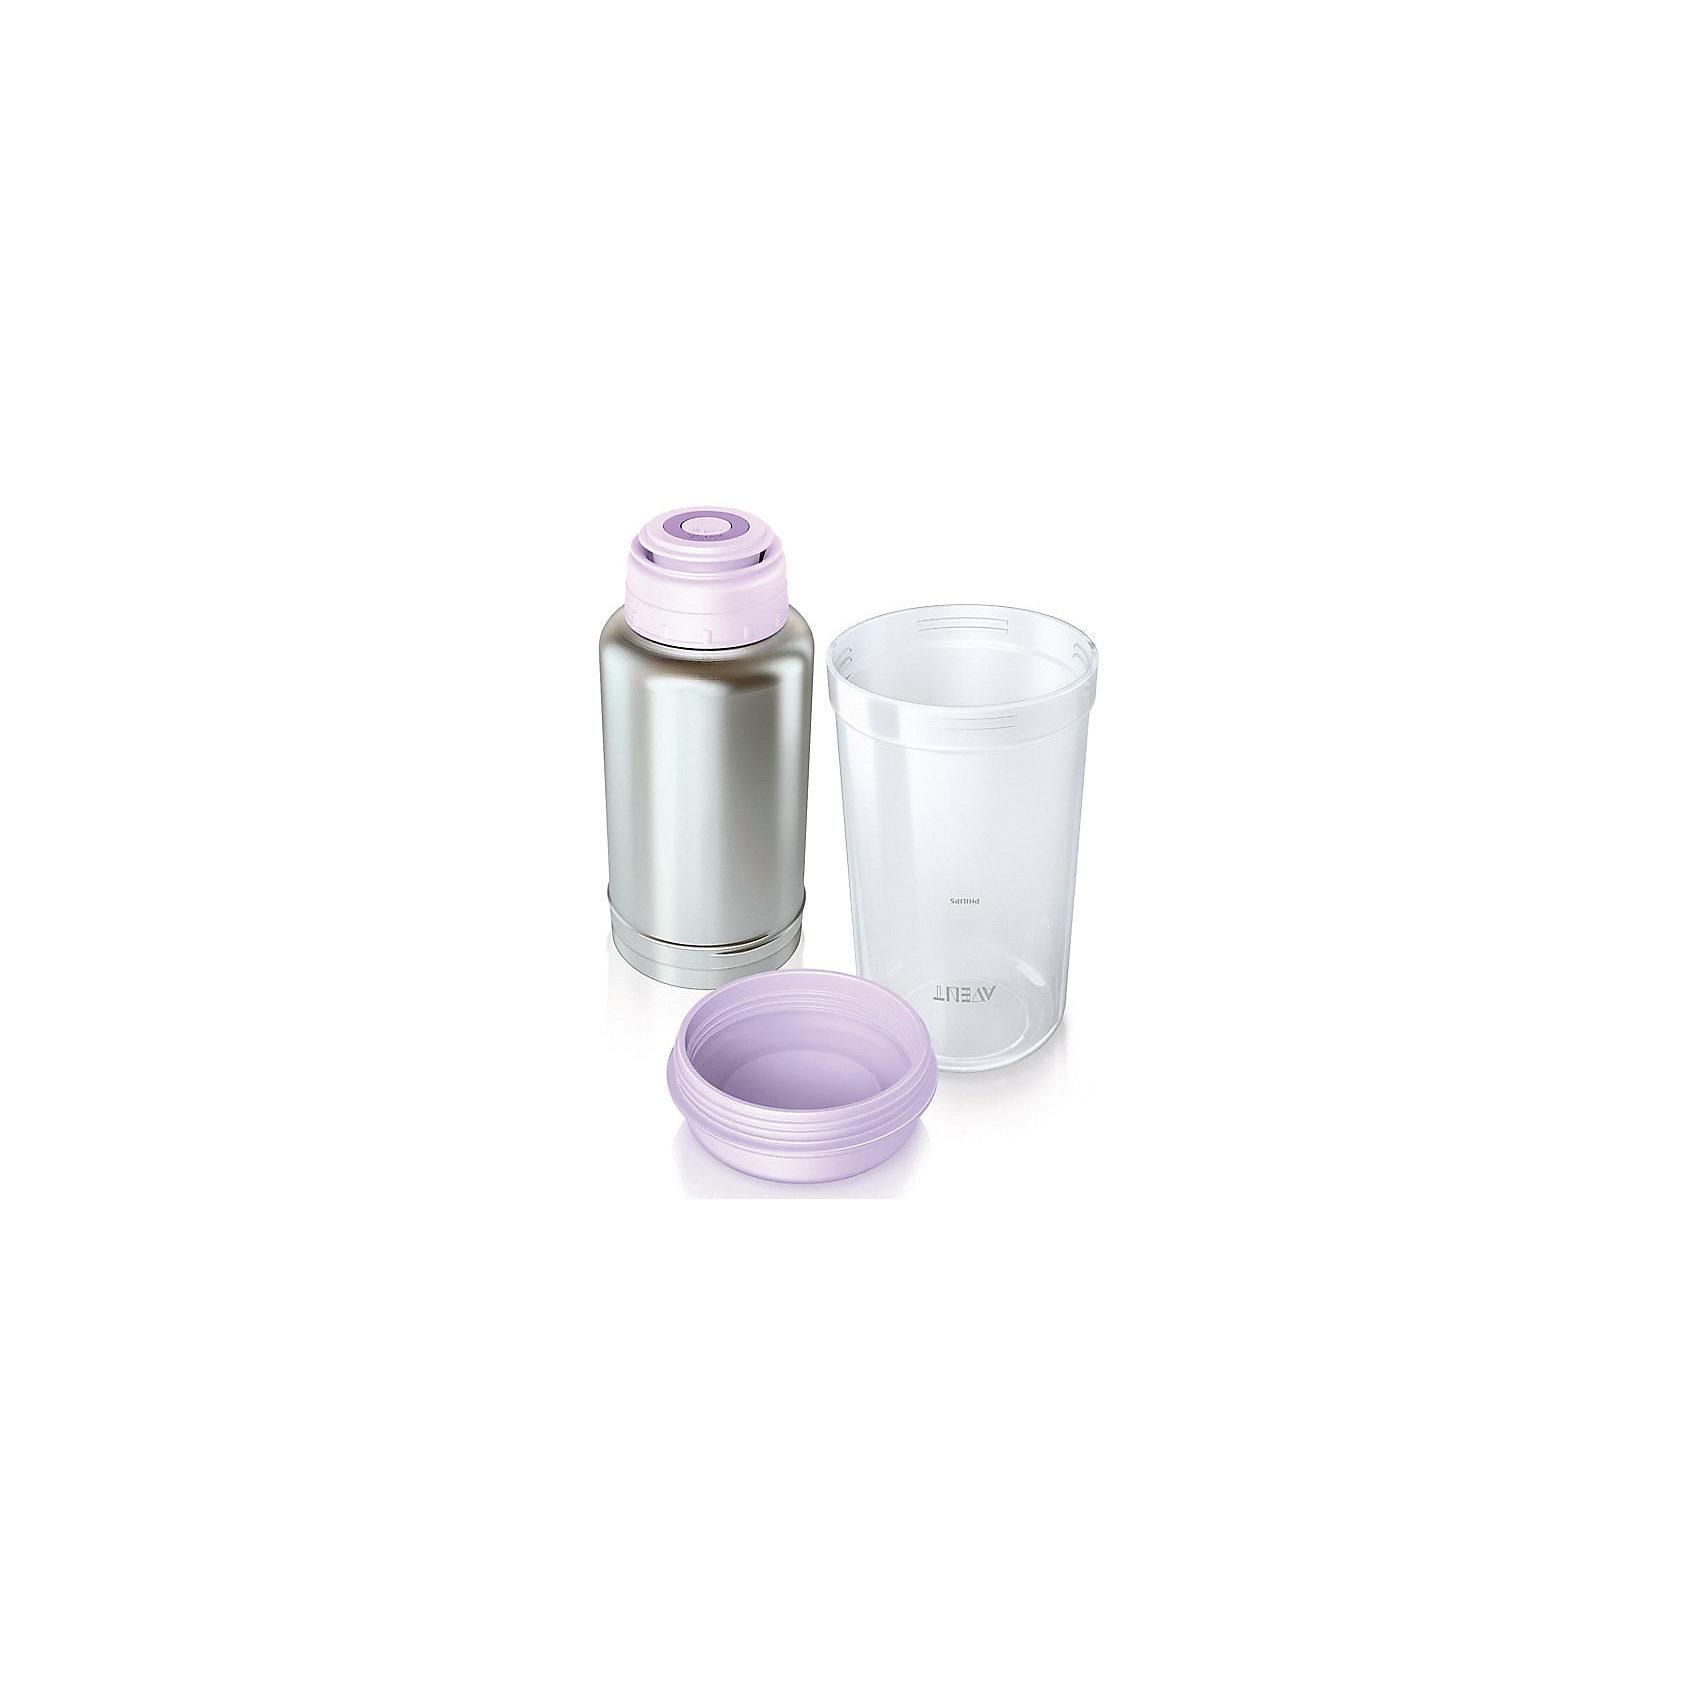 Подогреватель бутылочек с термосом, неэлектрический, AVENTС подогревателем бутылочек SCF256/00 от Philips AVENT (Авент) Вы можете подогревать бутылочки в любое время в любом месте.<br><br>- Удобная крышка с клапаном (Конструкция крышки позволяет легко понять, когда она открыта или закрыта, а также обеспечивает удобство очистки.)<br>- Защитная крышка (Закройте стакан уникальной защитной крышкой, чтобы обеспечить быстрое и безопасное подогревание.)<br>- Быстрый подогрев питания (Подогреватель бутылочек с термосом Philips AVENT (Авент) настолько хорошо сохраняет высокую температуру воды, что даже через несколько часов 180-мл бутылочку с питанием можно подогреть за 2,5 минуты.)<br>- Инструкция по подогреву (На стакан нанесена инструкция с информацией о длительности подогрева (в зависимости от температуры молока) для бутылочек Philips AVENT (Авент) всех размеров.)<br>- Подогревает различную пищу (Подогрев нескольких бутылочек в горячей воде одного термоса (500 мл)<br><br>Дополнительная информация:<br><br>- Размеры потребительской упаковки: 105х105х207 мм<br>- Габариты изделия: 200x?104,36 мм<br>- Материал: нержавеющая сталь (термос), PP (стакан и защитная крышка), PP/ABS (крышка с клапаном)<br><br>Ширина мм: 106<br>Глубина мм: 106<br>Высота мм: 210<br>Вес г: 2716<br>Возраст от месяцев: 0<br>Возраст до месяцев: 24<br>Пол: Унисекс<br>Возраст: Детский<br>SKU: 3288983